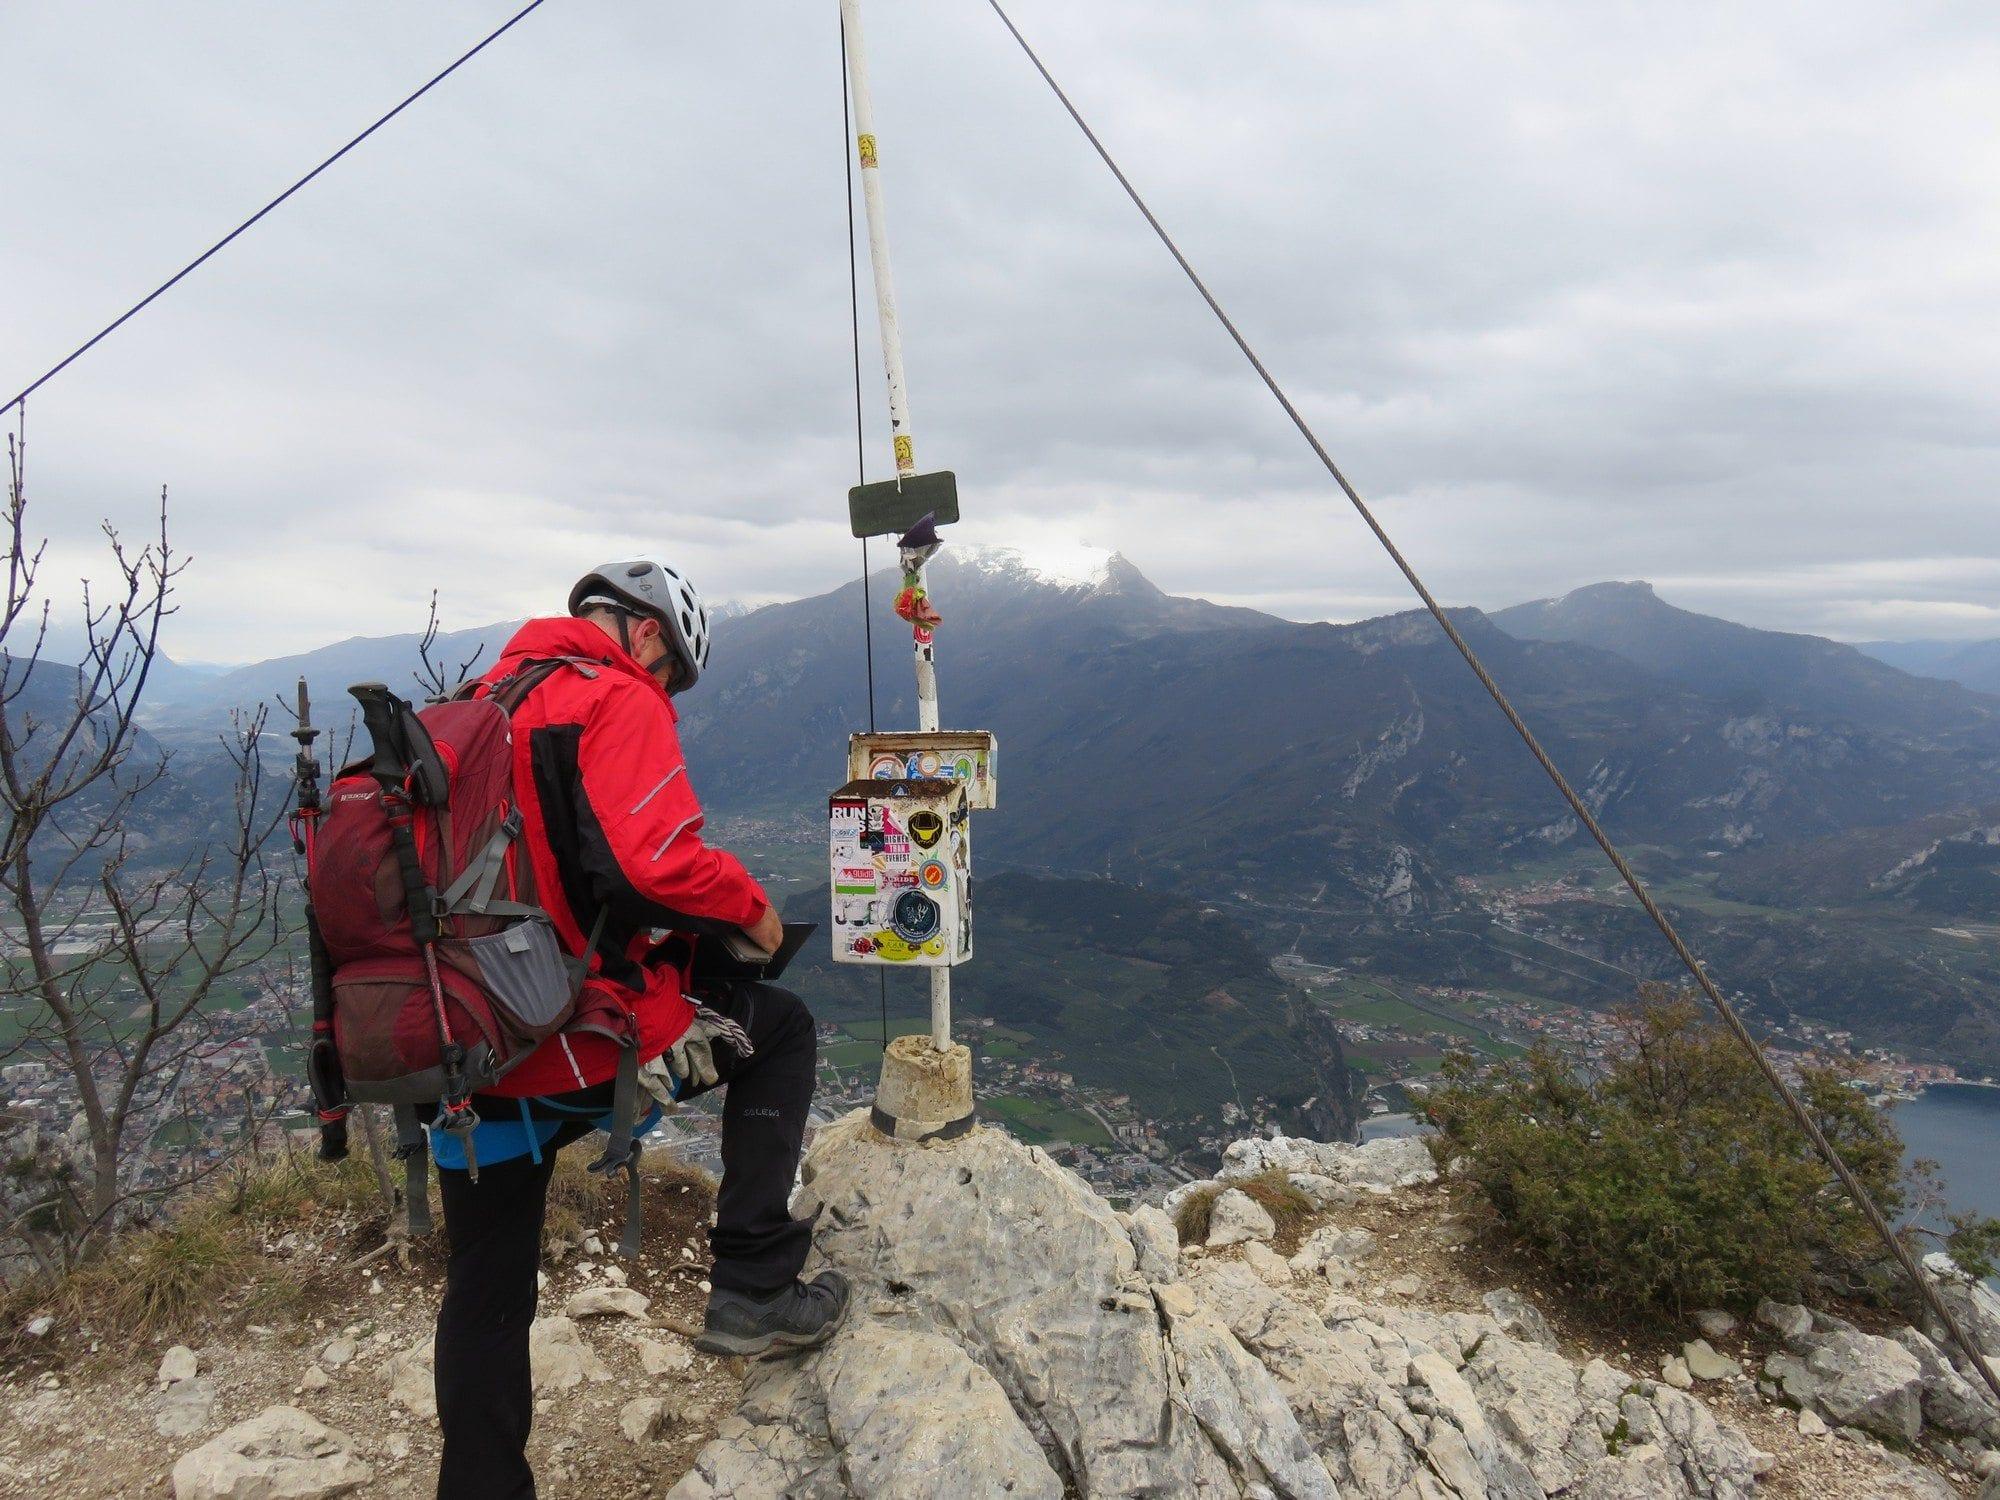 להגיע לפיסגה - ויה פראטה דולומיטים איטליה - מטיילים עם ערוצים בטבע